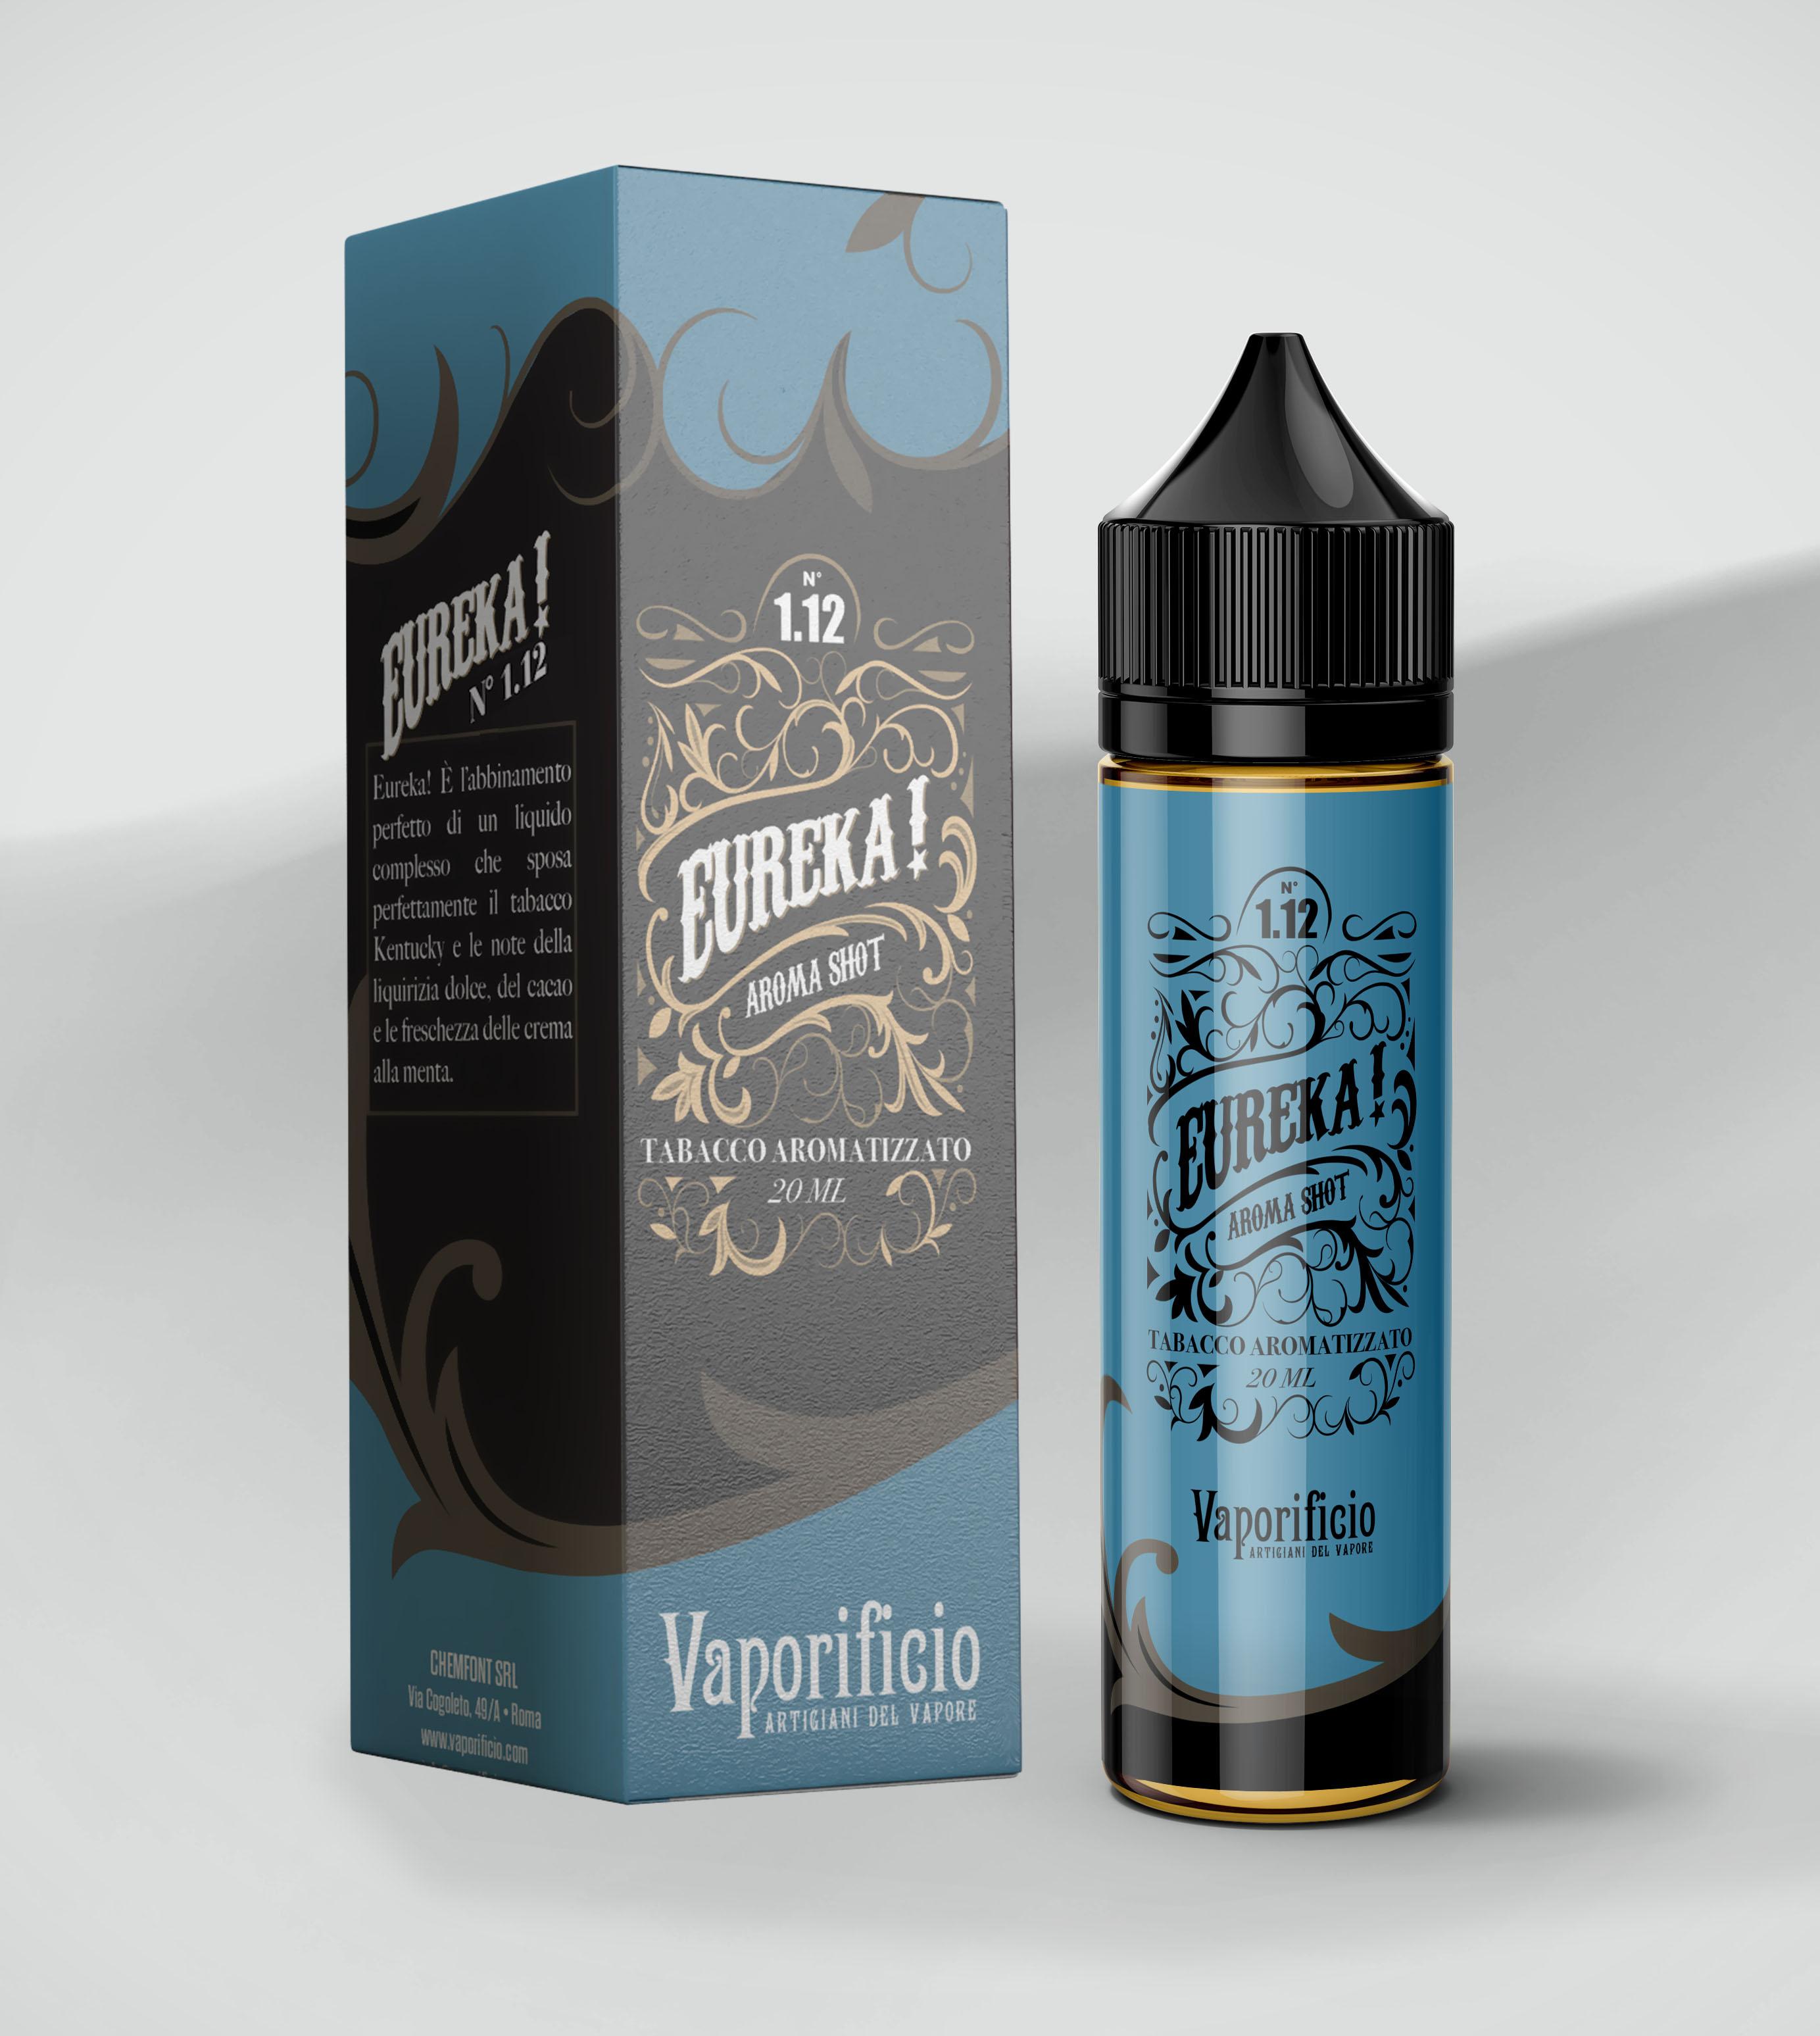 Il Vaporificio Eureka Aroma 20 ml